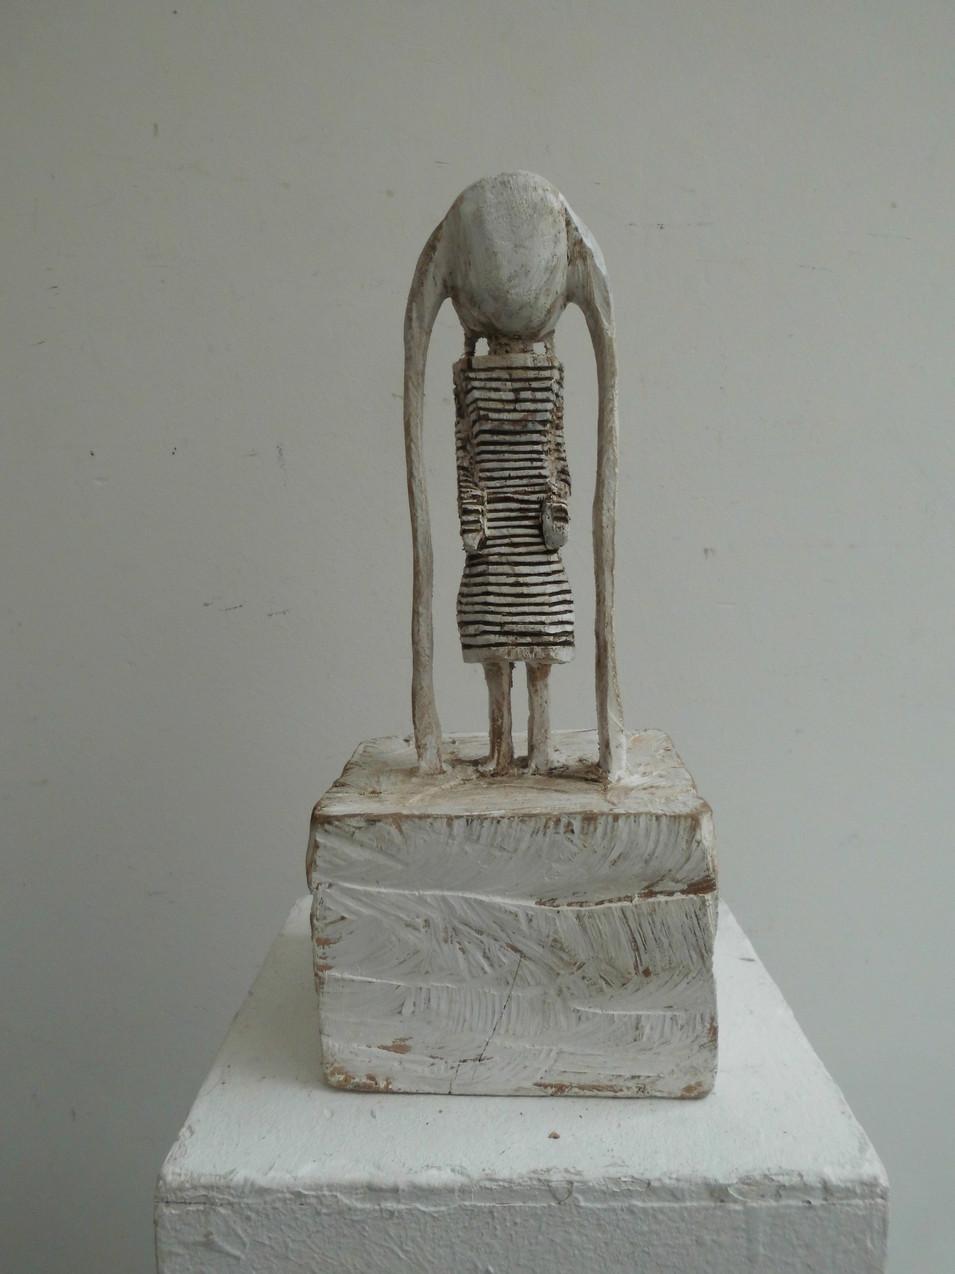 Klaus Hack | Ringelkleid mit Zöpfen | 2011 | Holz | weiß gefasst | 35,5 x 15,5 x 15 cm | 1500 Euro